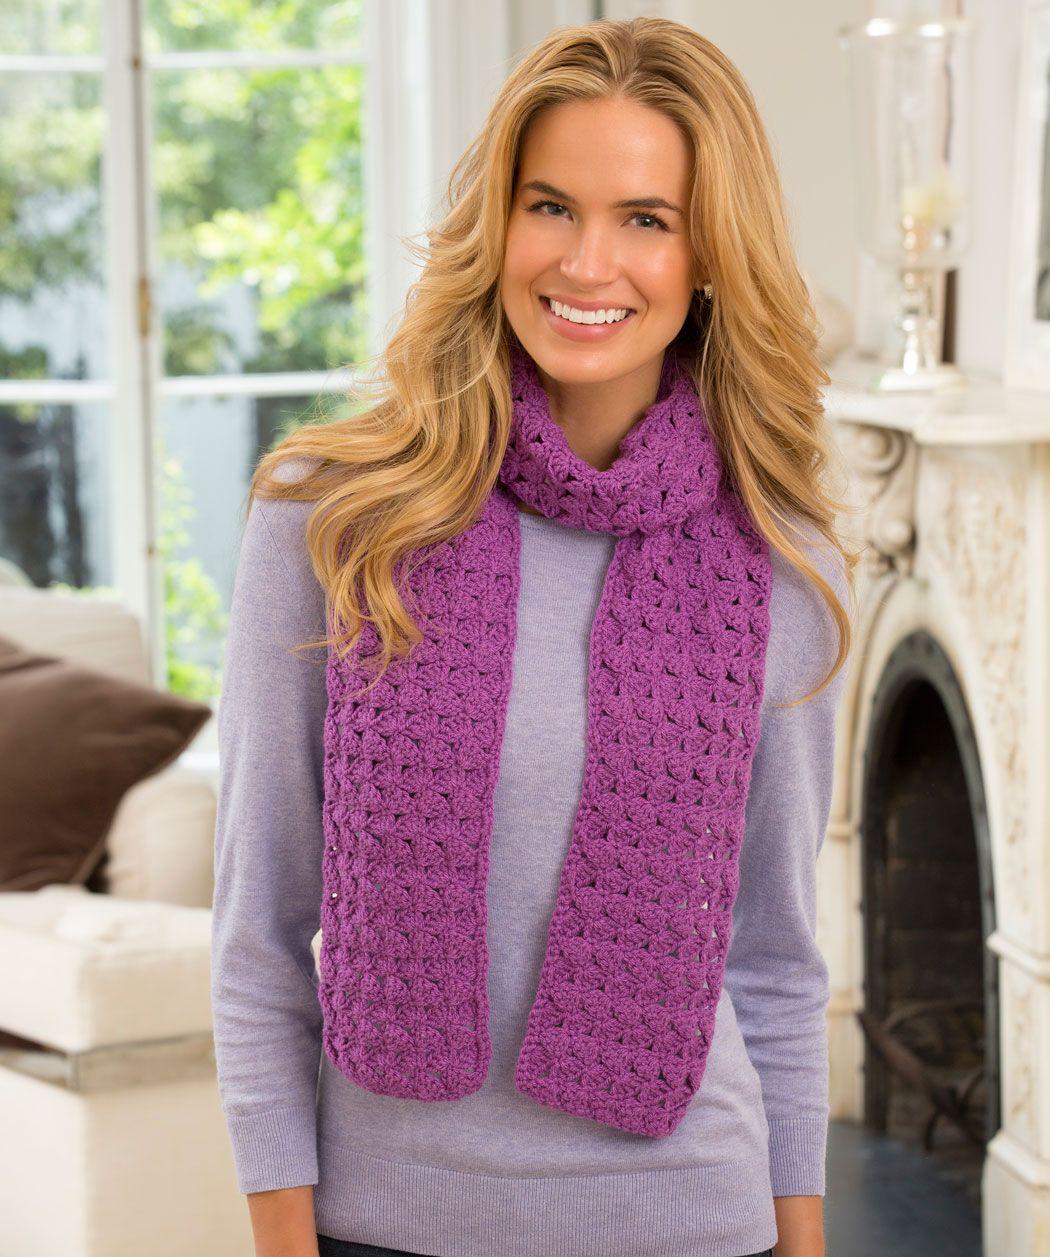 Jennifer's Scarf Free Crochet Pattern from Red Heart Yarns